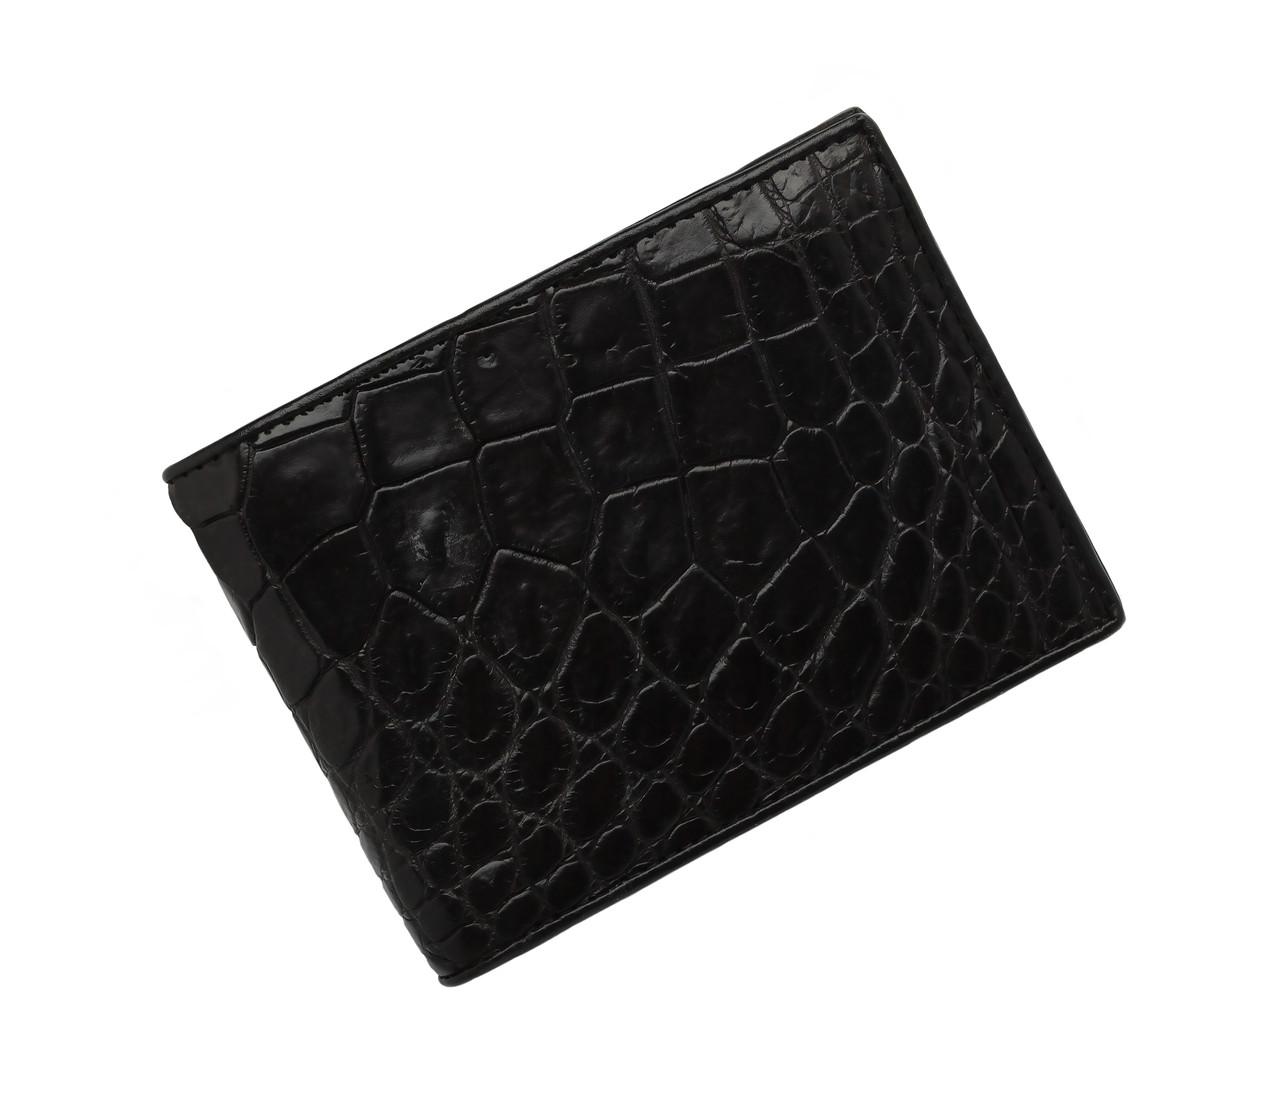 Гаманець зі шкіри крокодила Ekzotic Leather Чорний (cw 35_3)